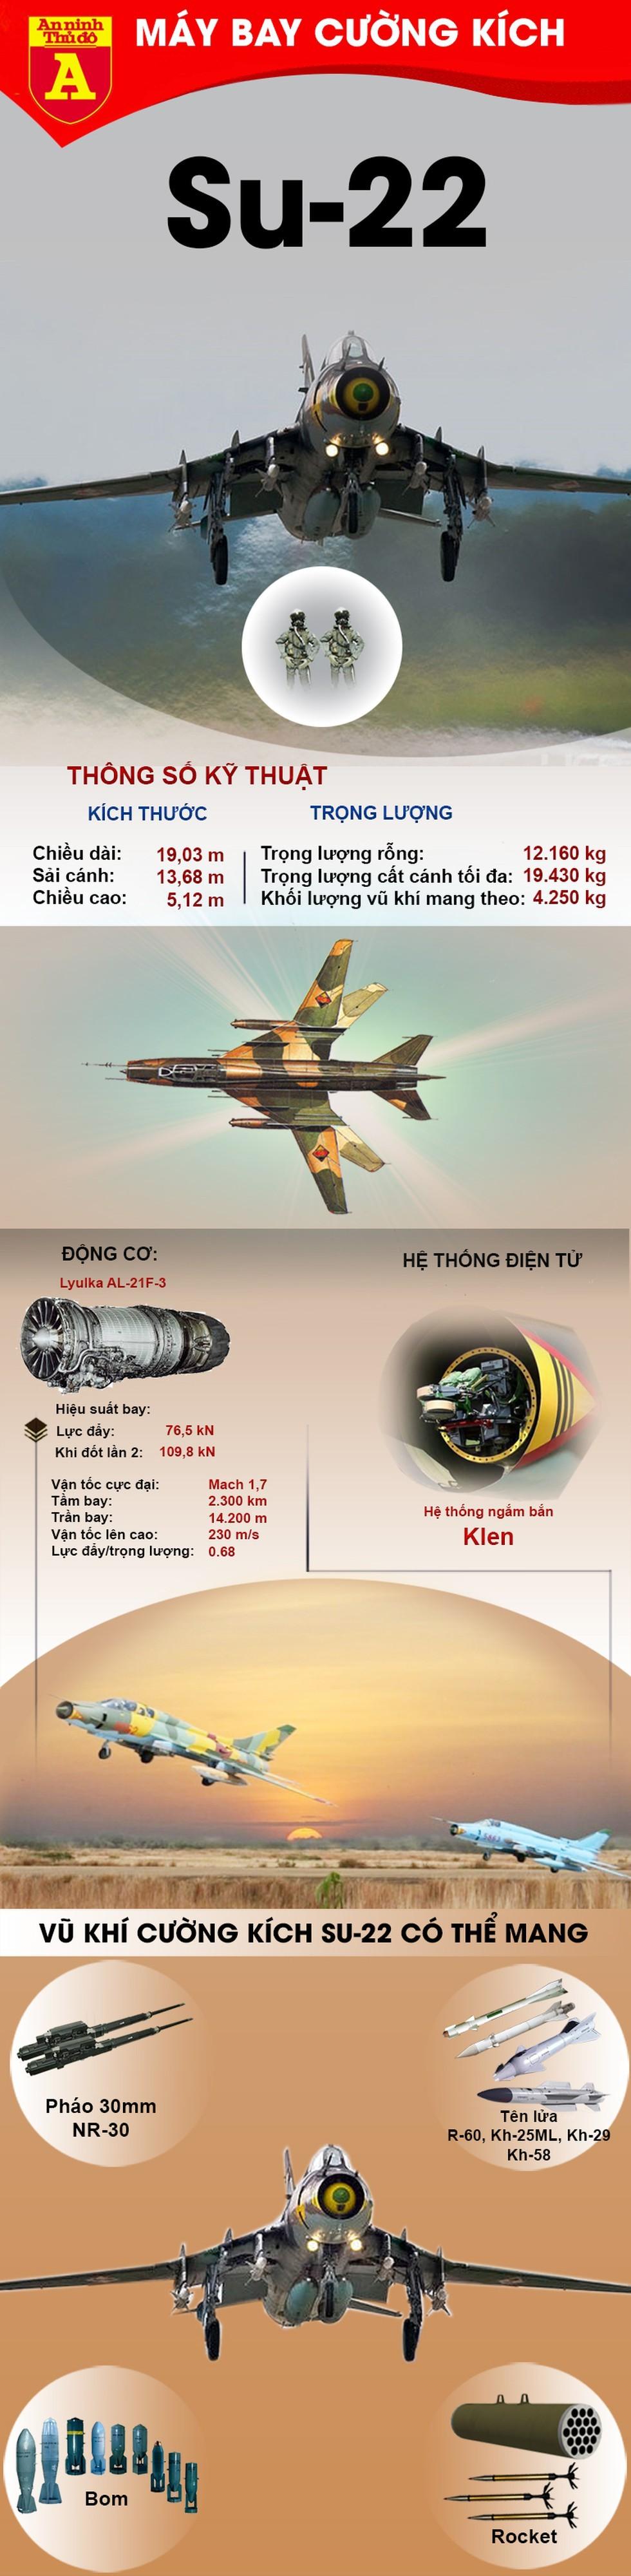 """[Info] """"Đôi cánh ma thuật"""" Su-22 gieo rắc kinh hoàng cho phiến quân thân Thổ Nhĩ Kỳ ảnh 2"""